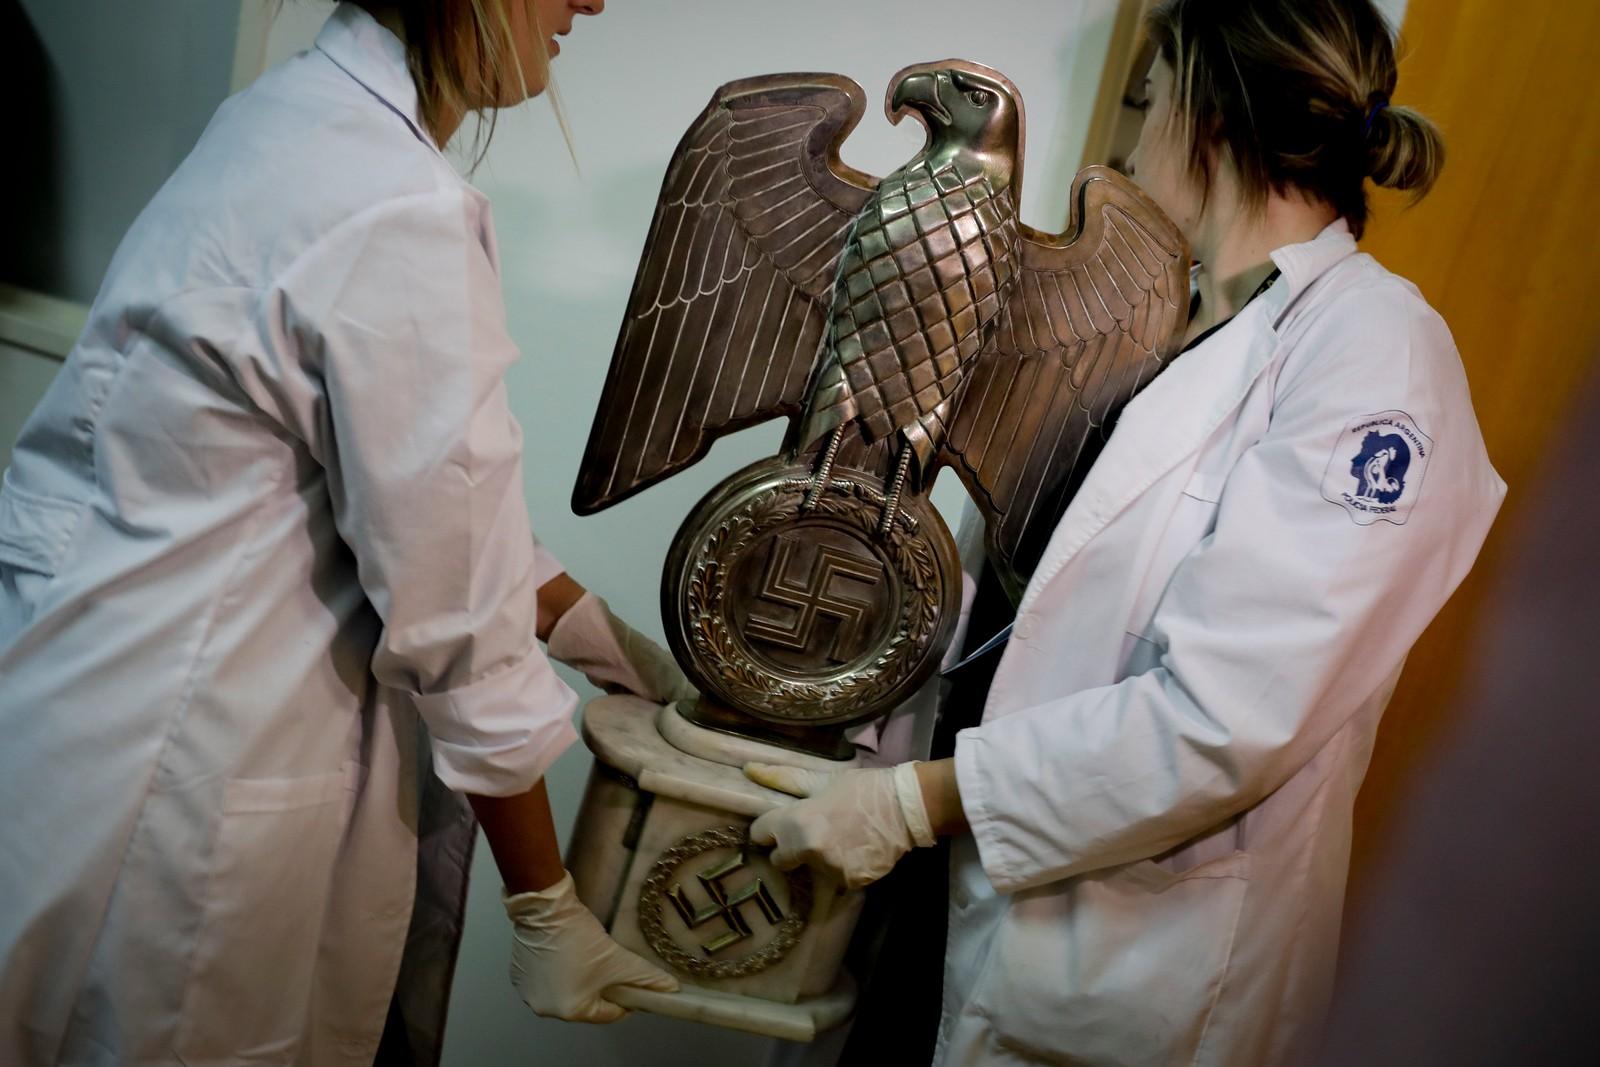 Blant gjenstandene var en statue av en ørn med hakekors.